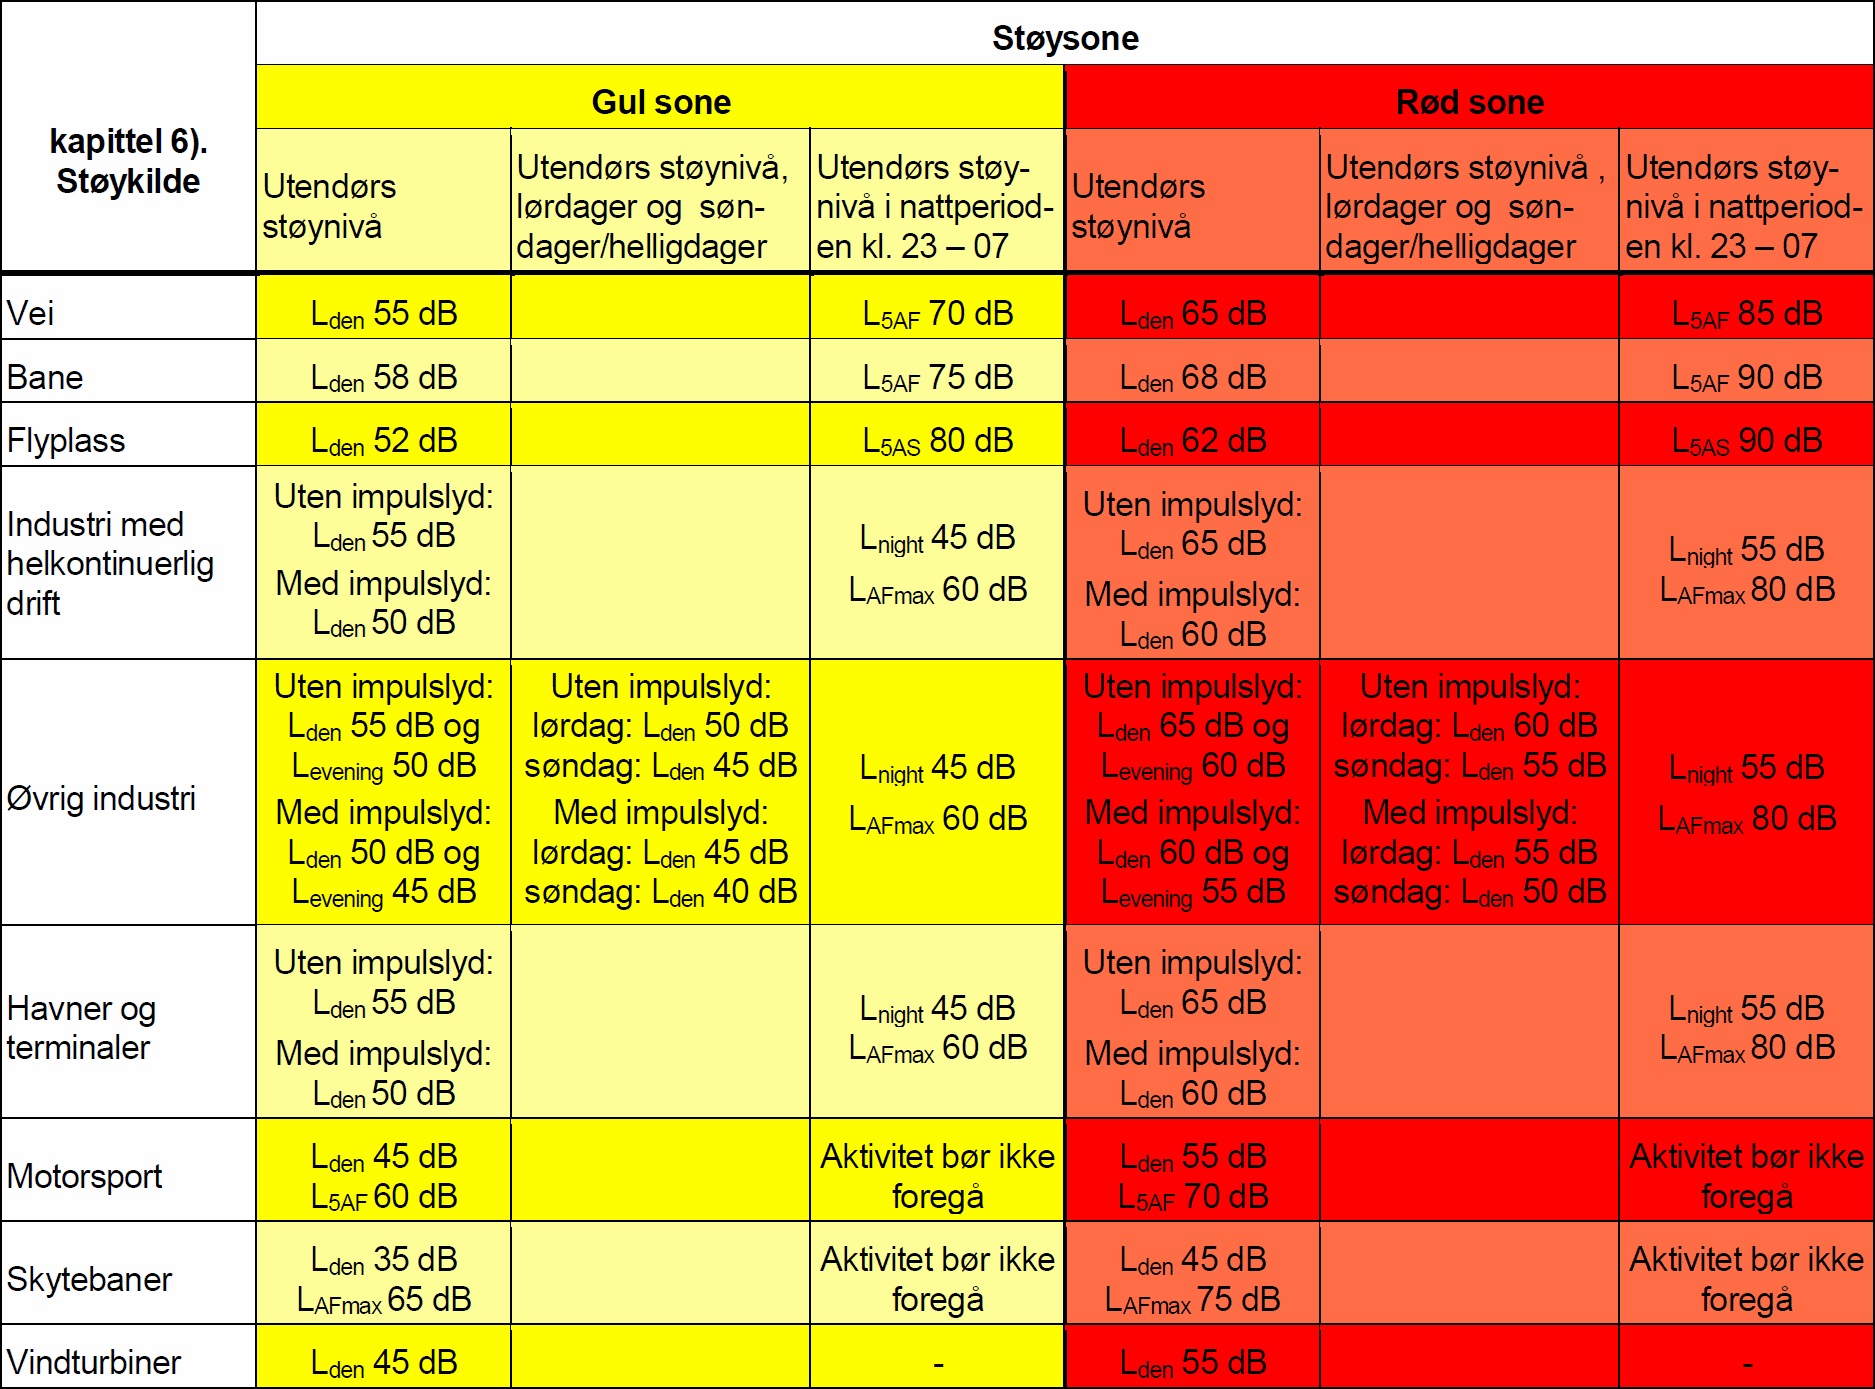 Grenser for rød og gul sone